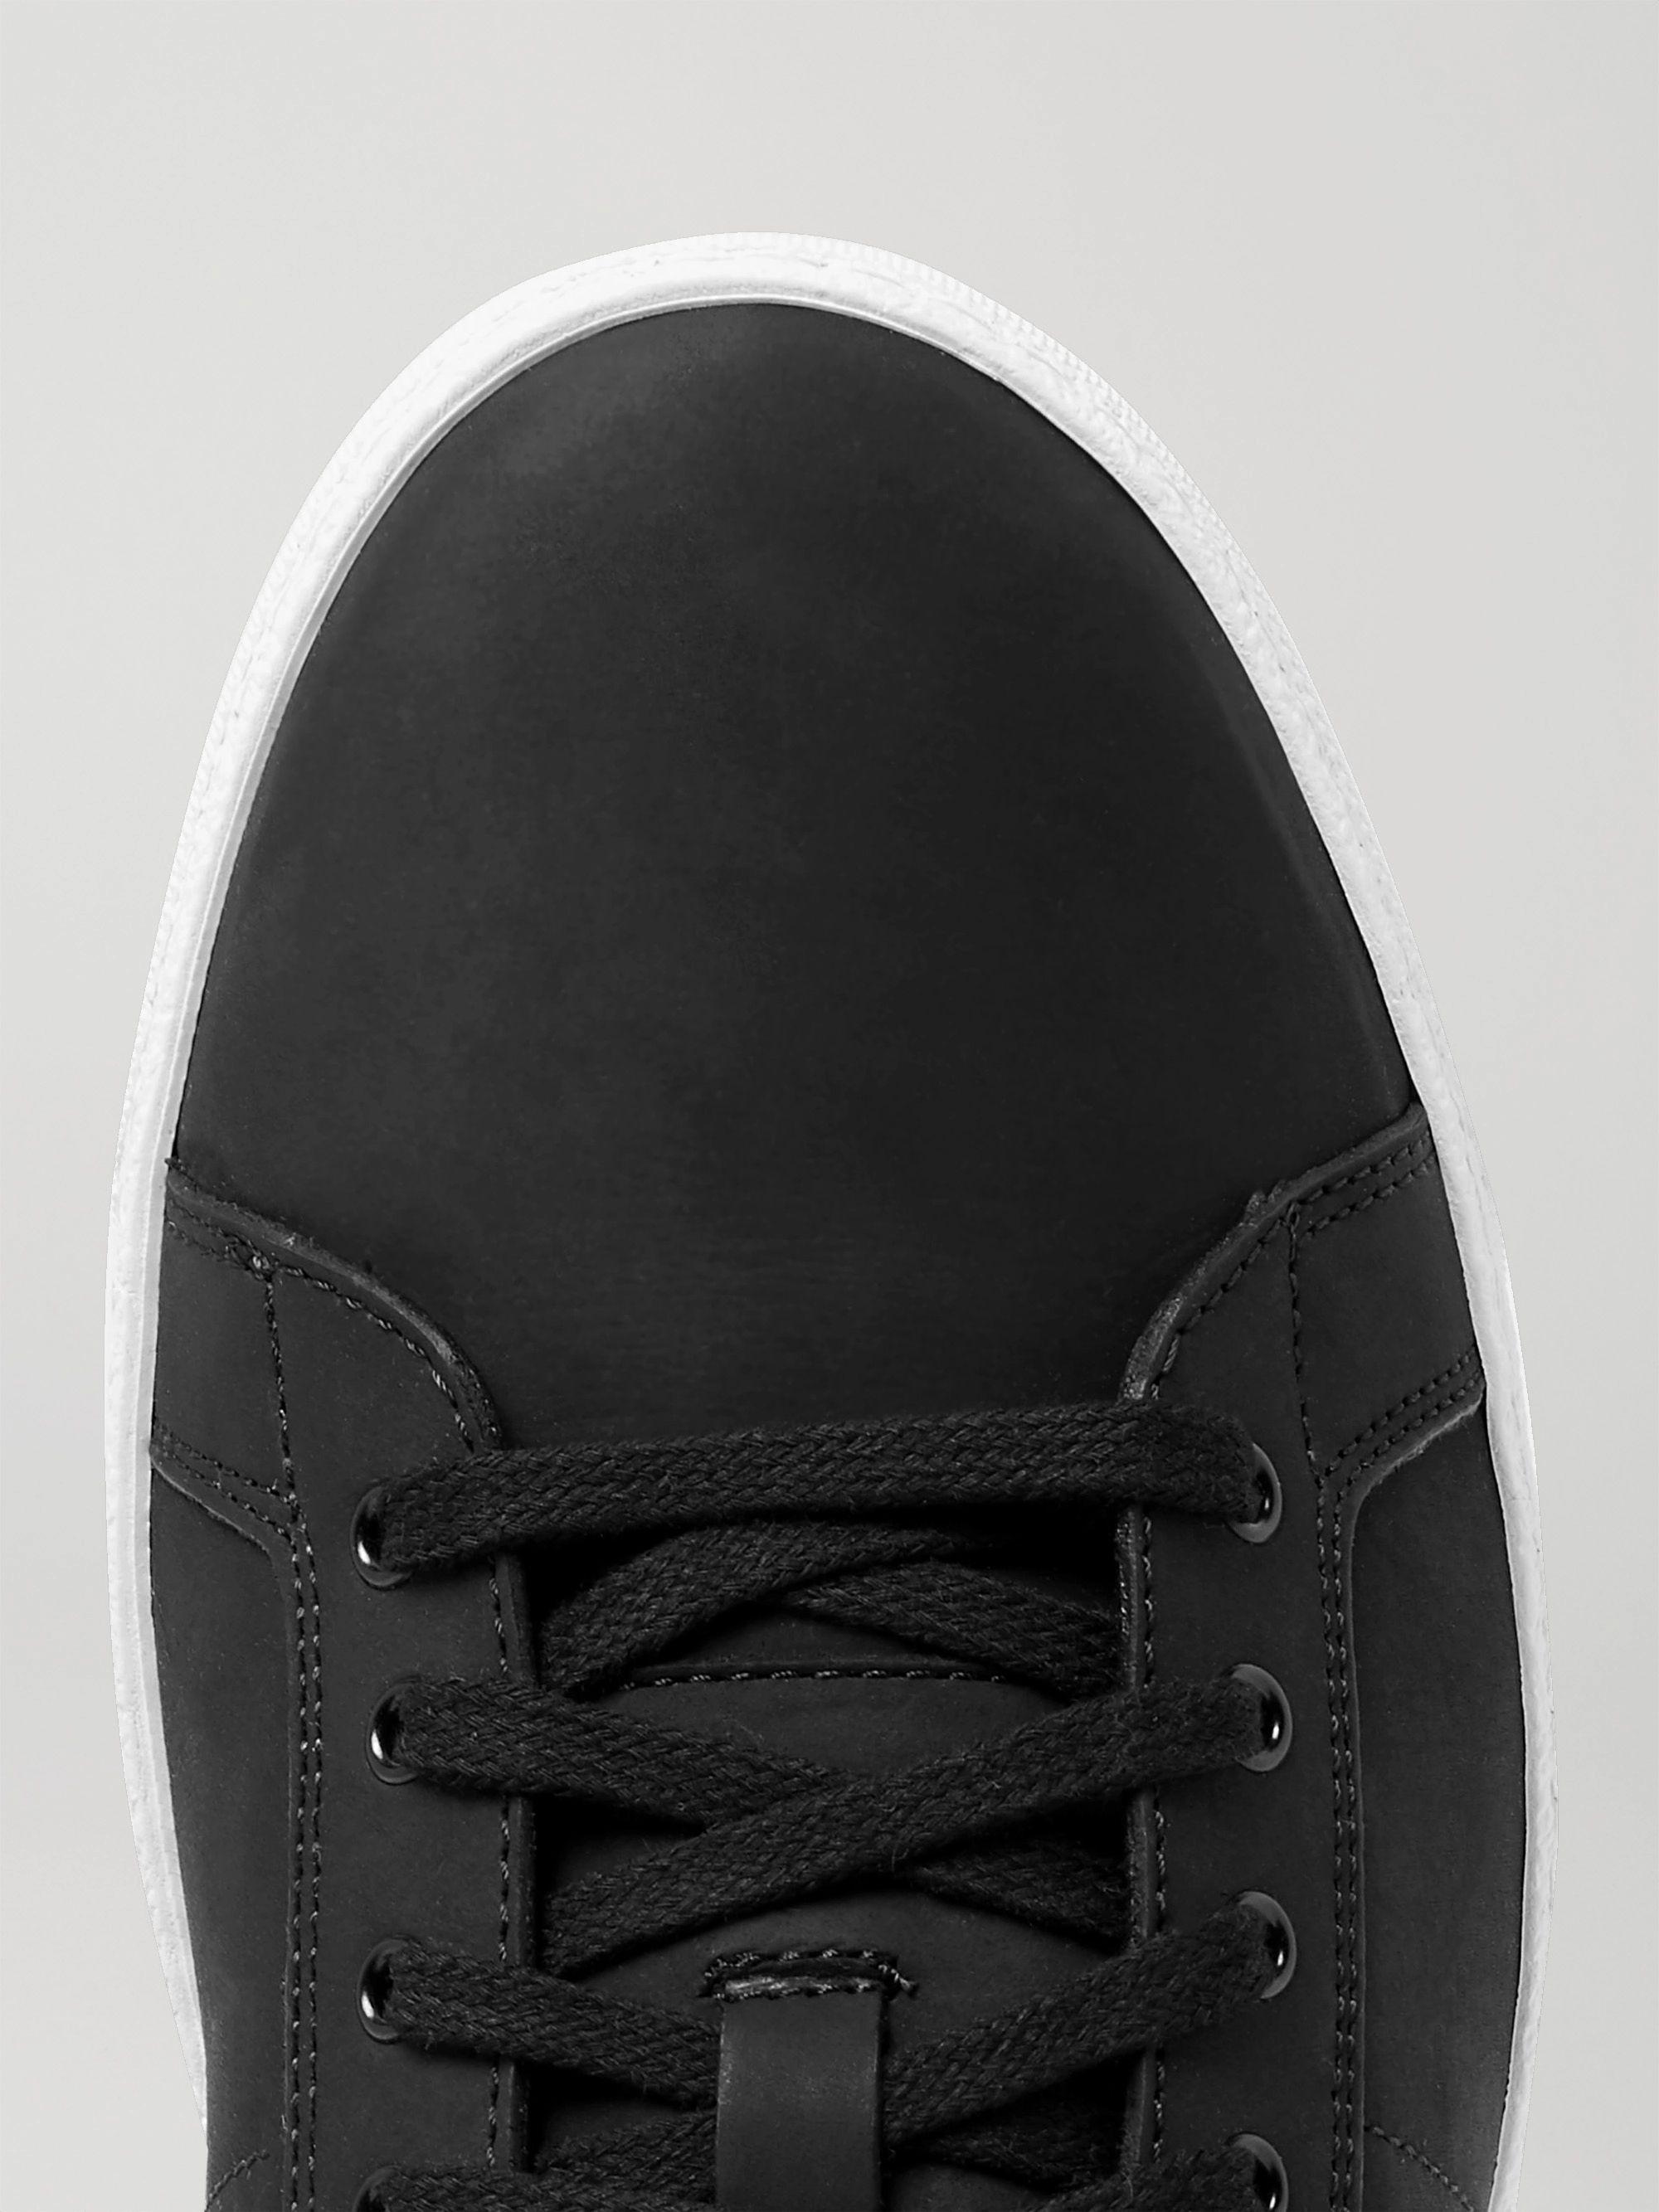 Black Nubuck Sneakers | J.m. Weston